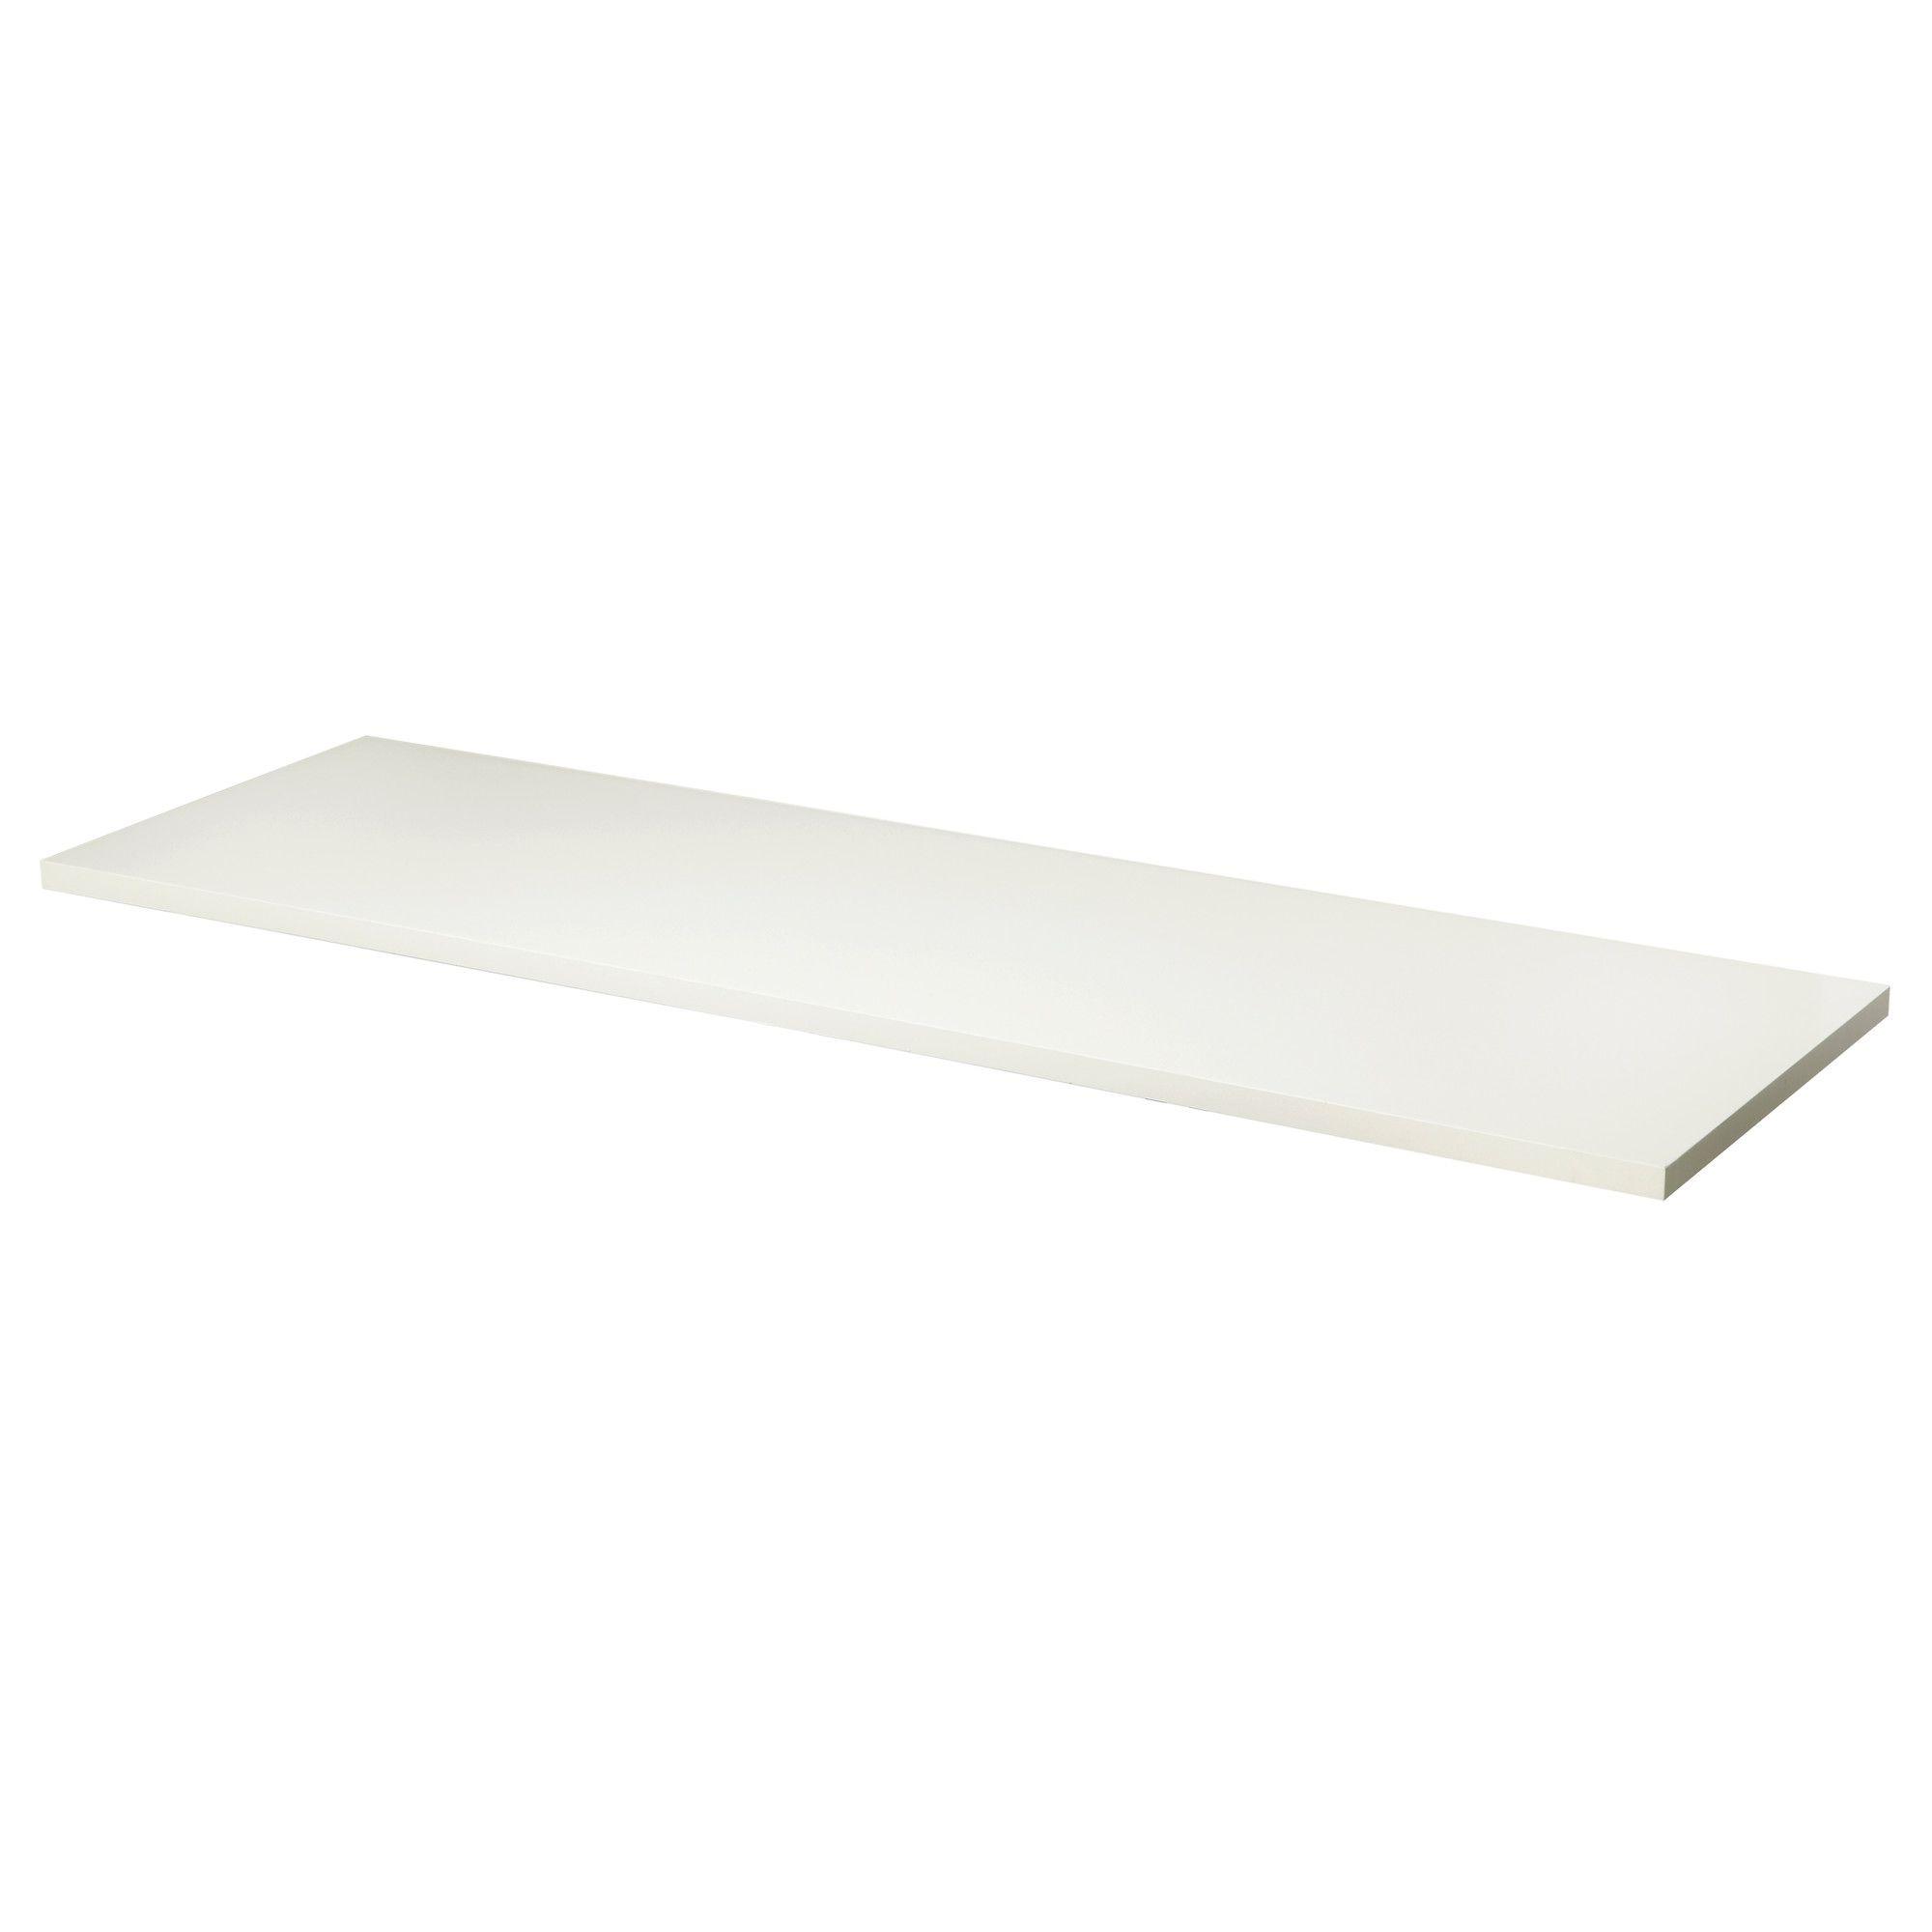 Mobilier Et Decoration Interieur Et Exterieur Linnmon Table Top Table Top Ikea